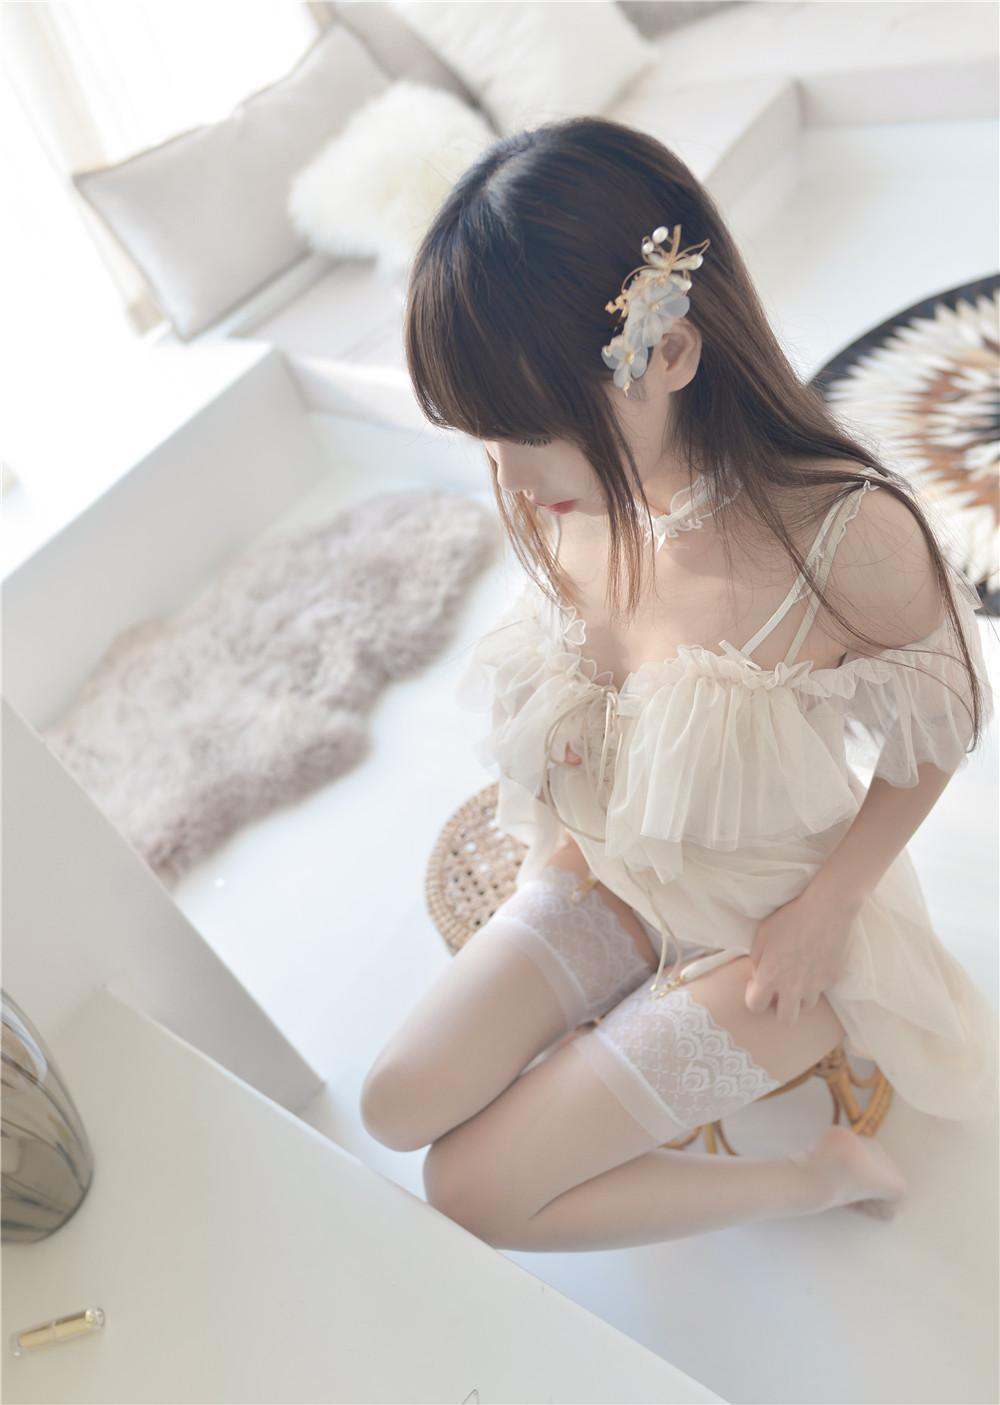 雪琪SAMA – 白色内衣私房写真作品[51P/458M]-觅爱图